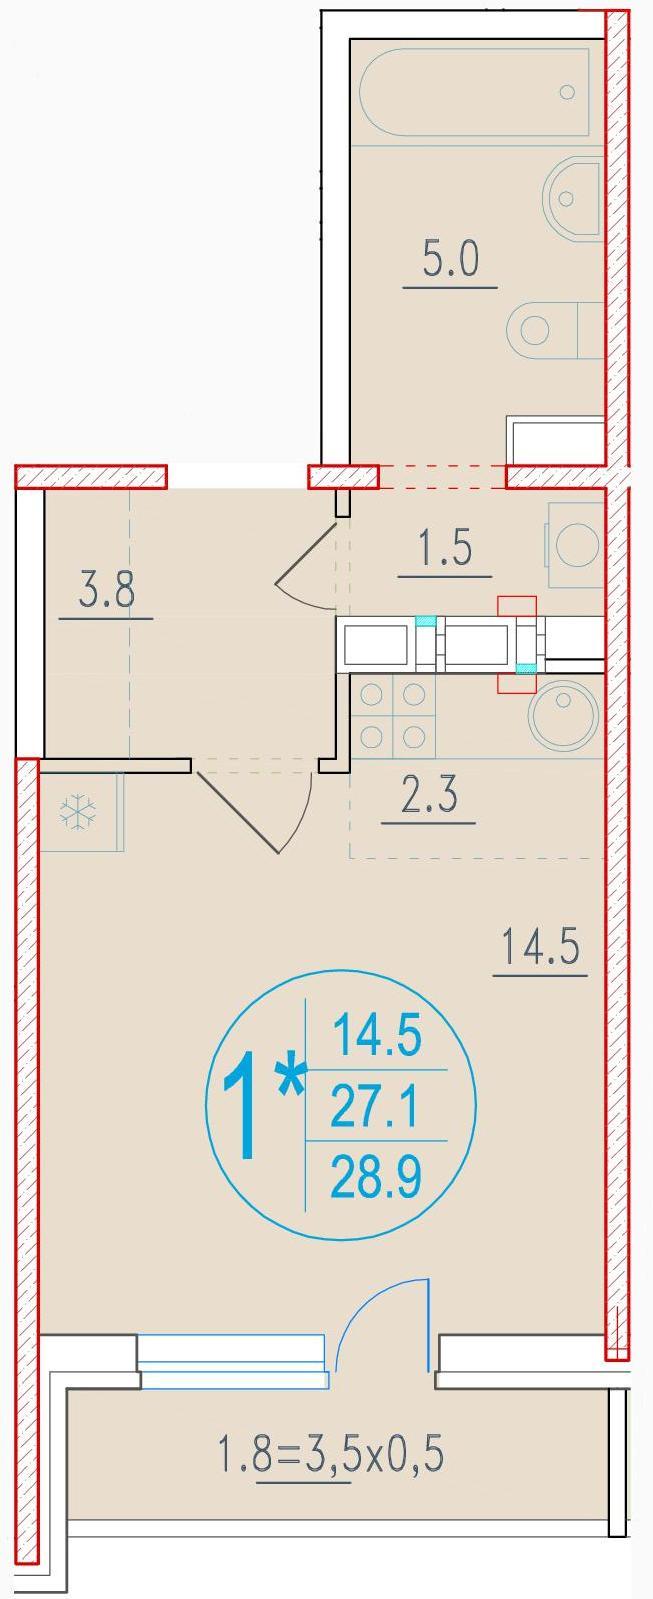 1-комнатная смарт 28.9<span>м<sup>2</sup></span>